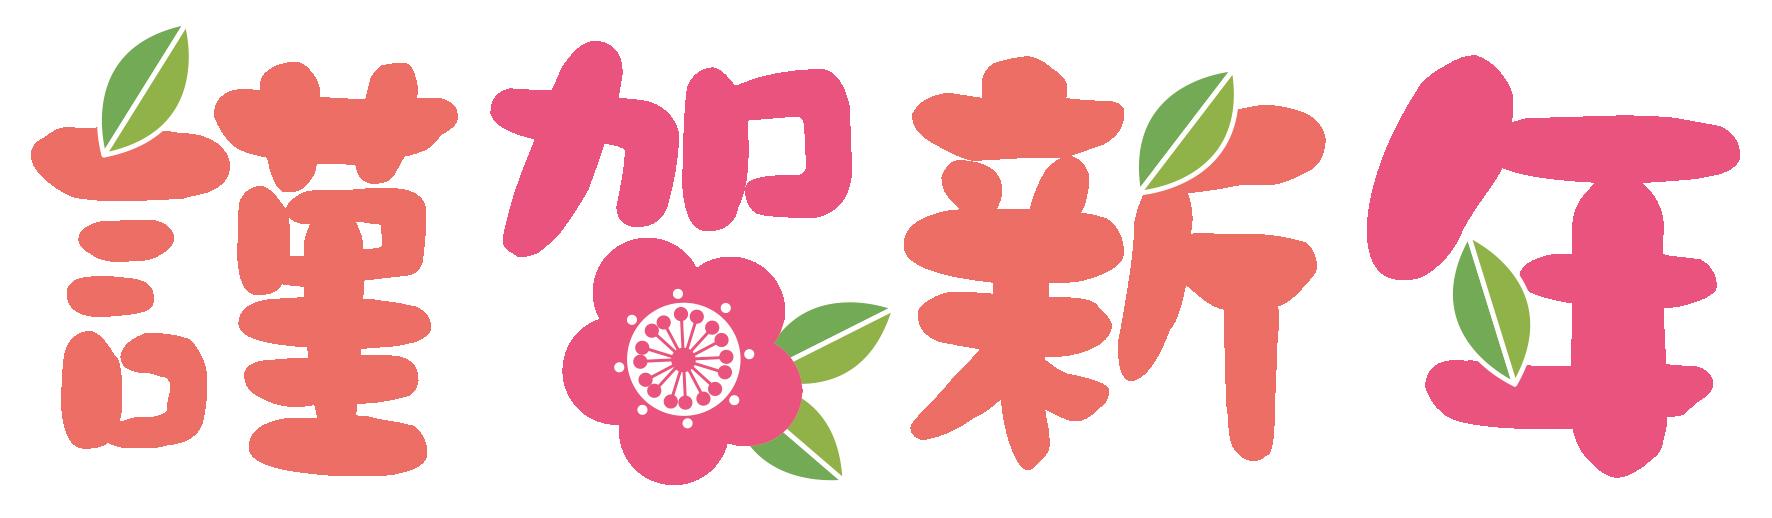 梅の花と初春のタイトル文字」 - 無料イラスト愛